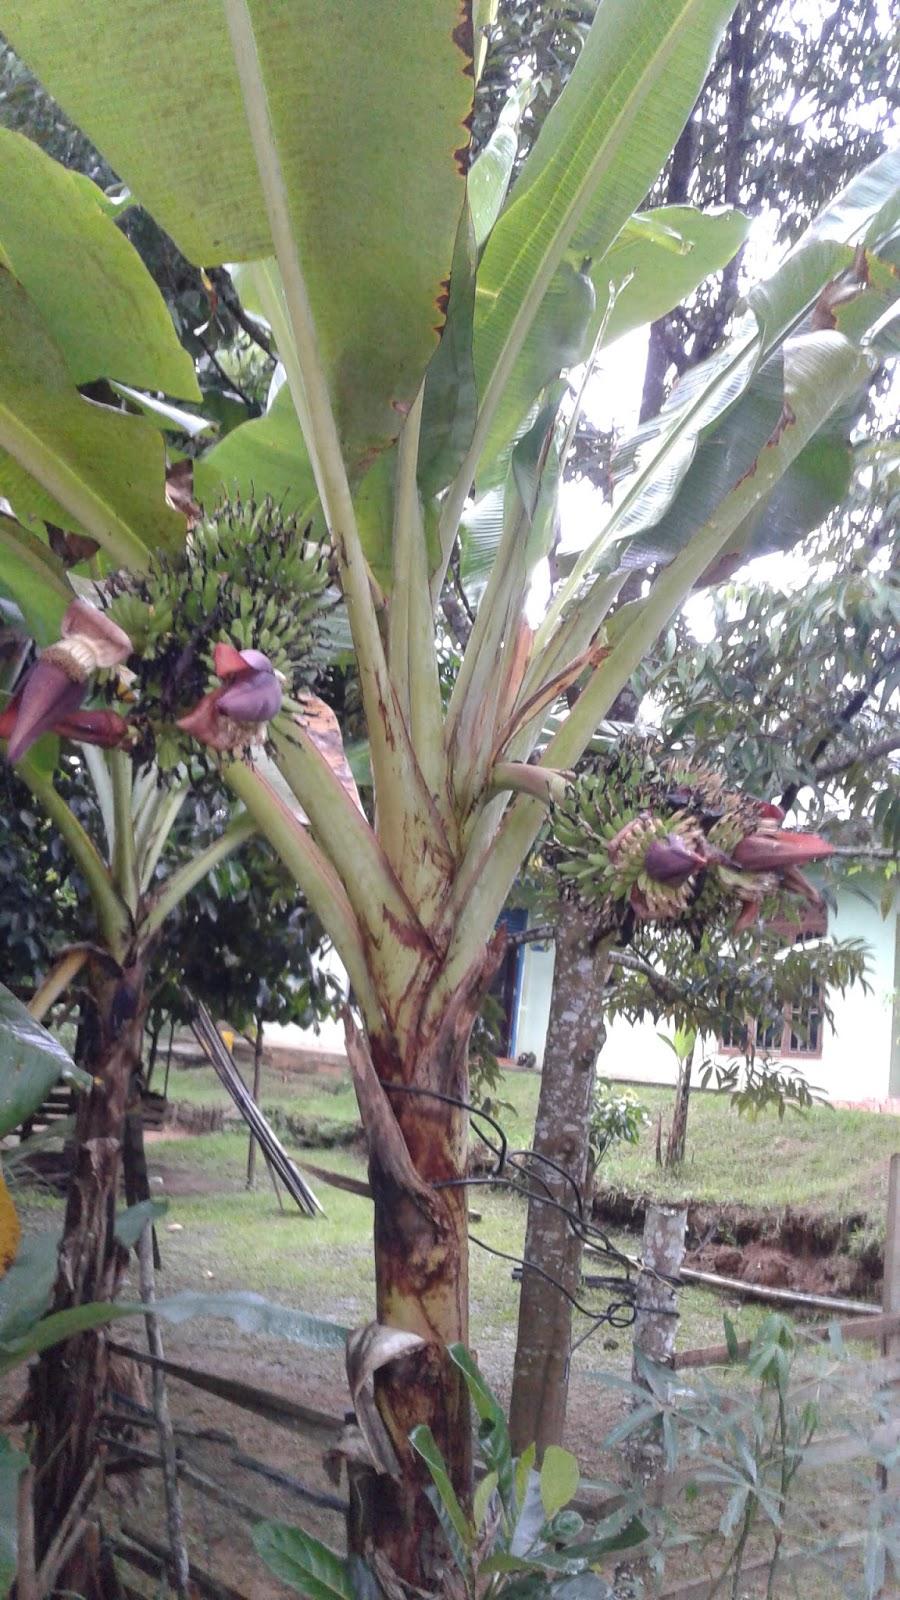 Ciri Ciri Pohon Pisang : pohon, pisang, Lho.!, Pohon, Pisang, Berbuah, Tujuh, Tandan, Berwarna